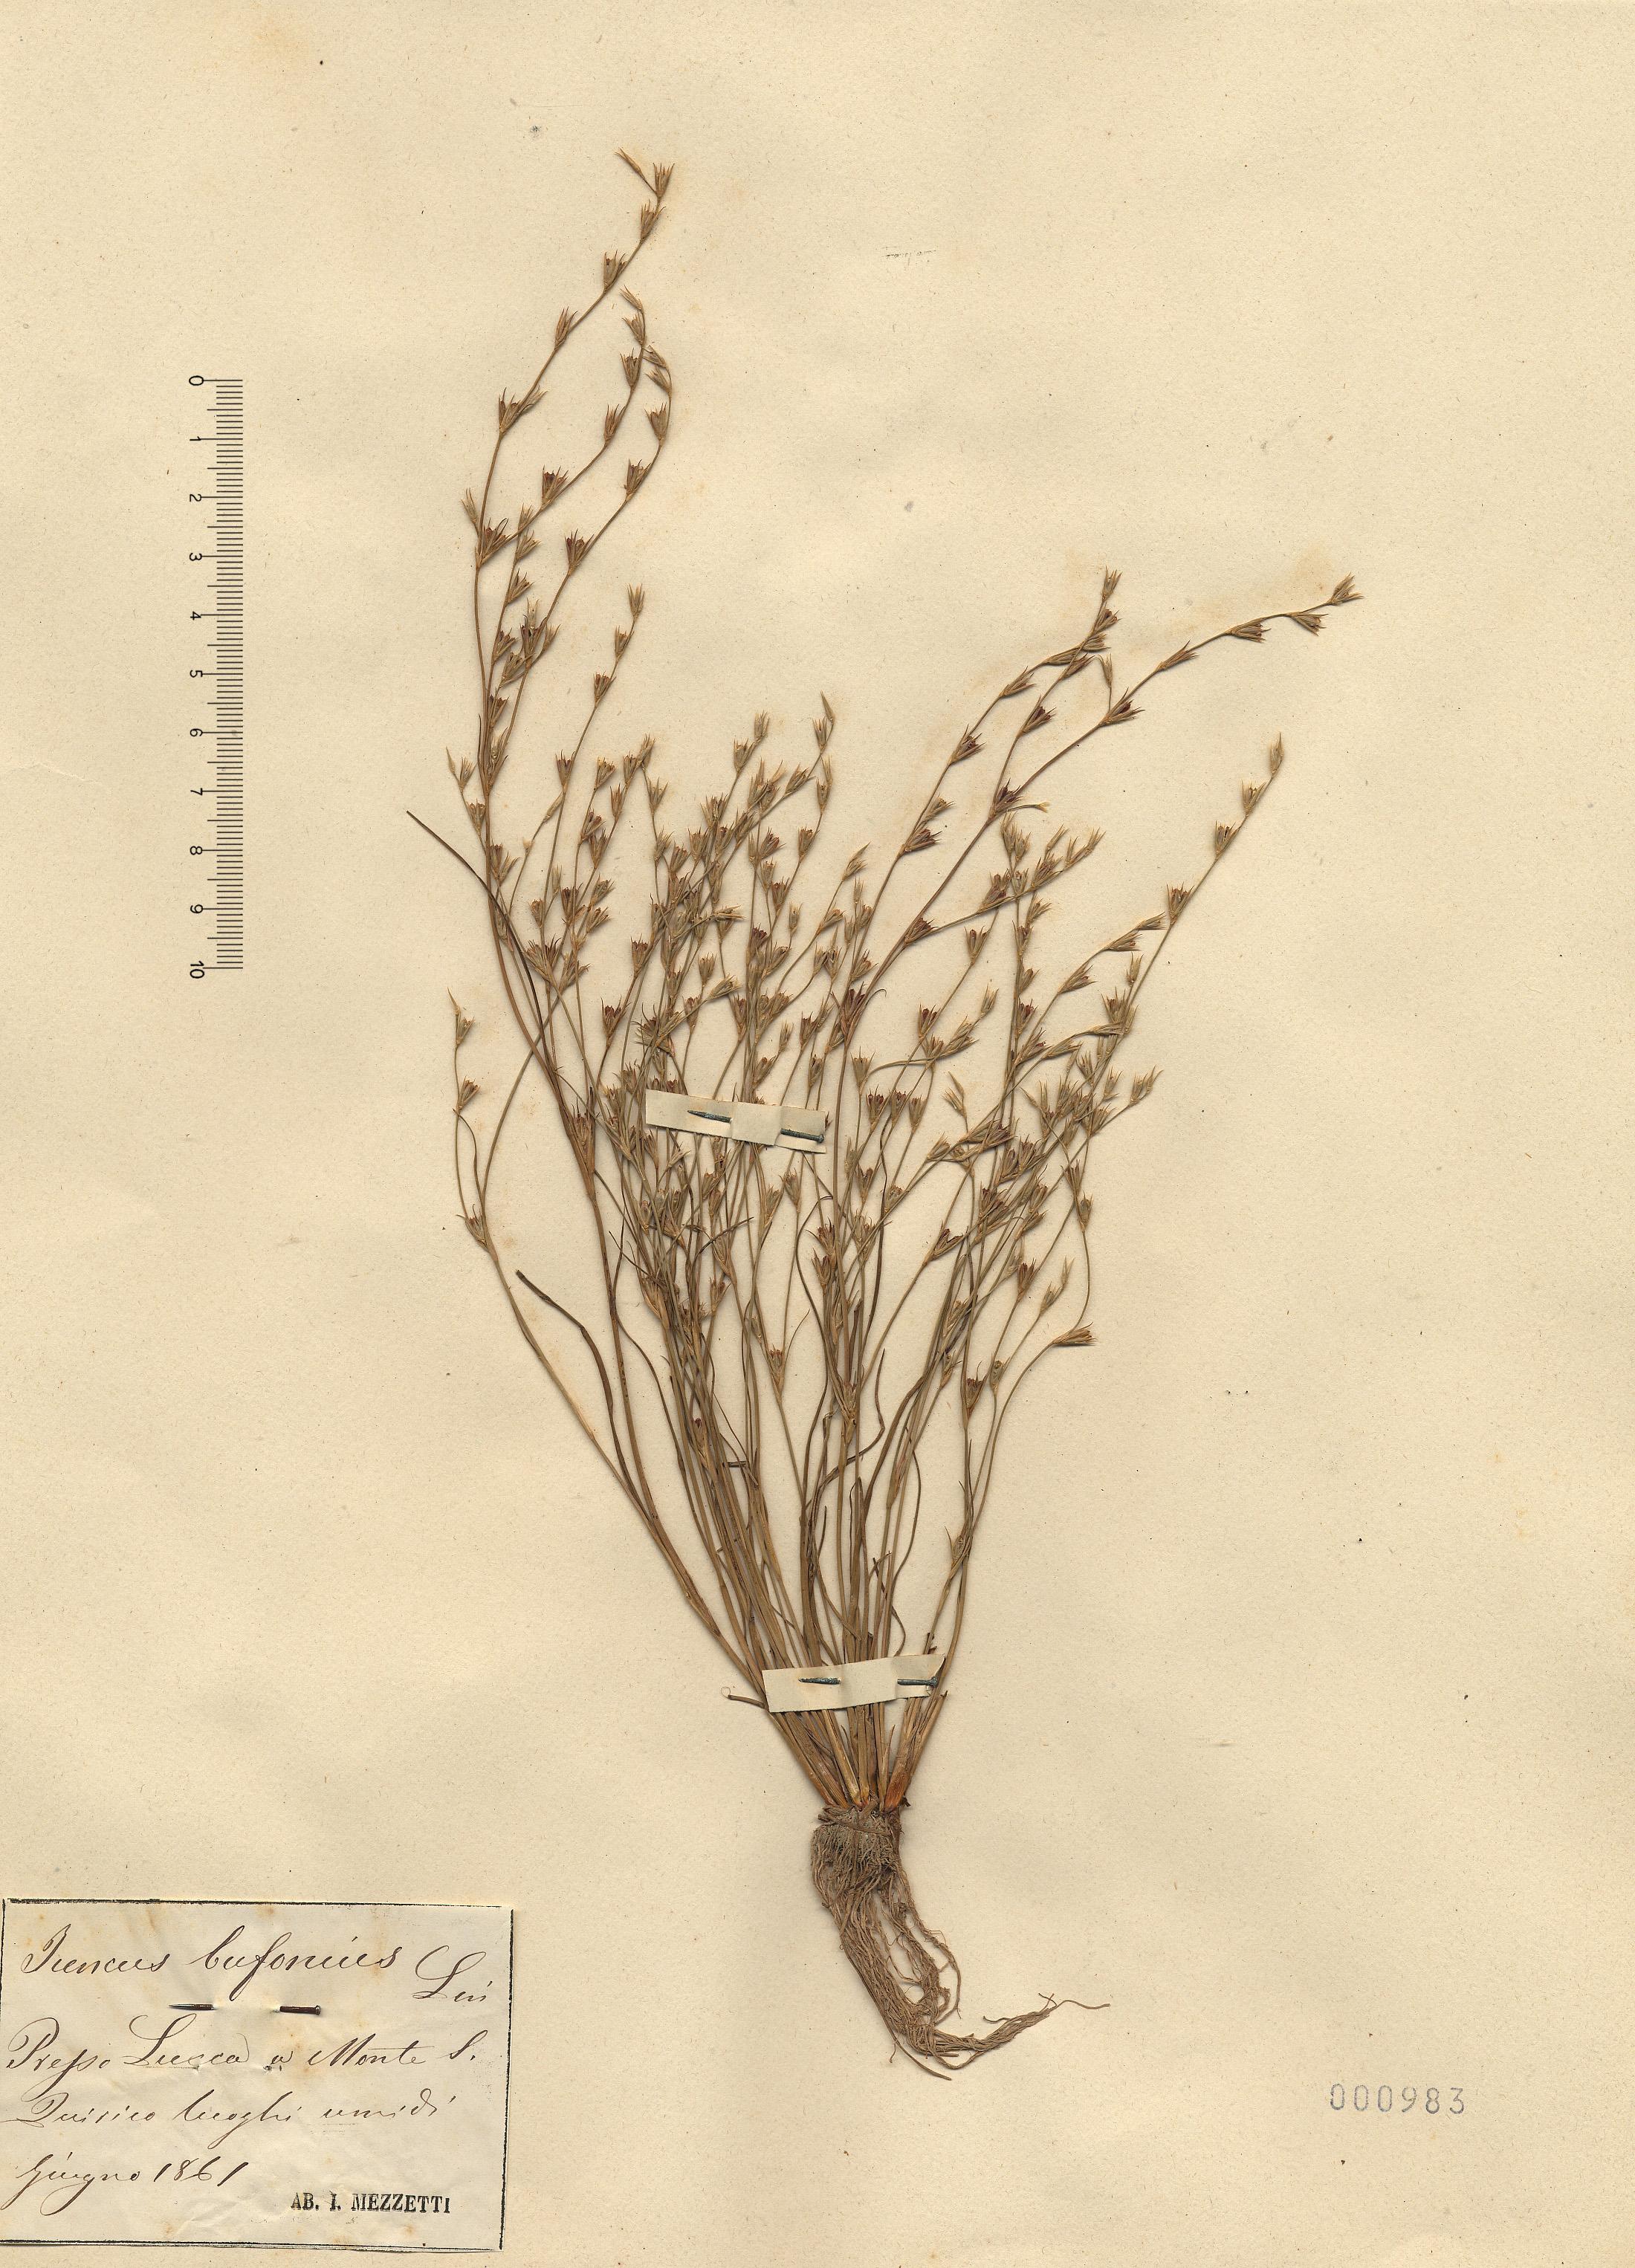 © Hortus Botanicus Catinensis - Herb. sheet 000983<br>